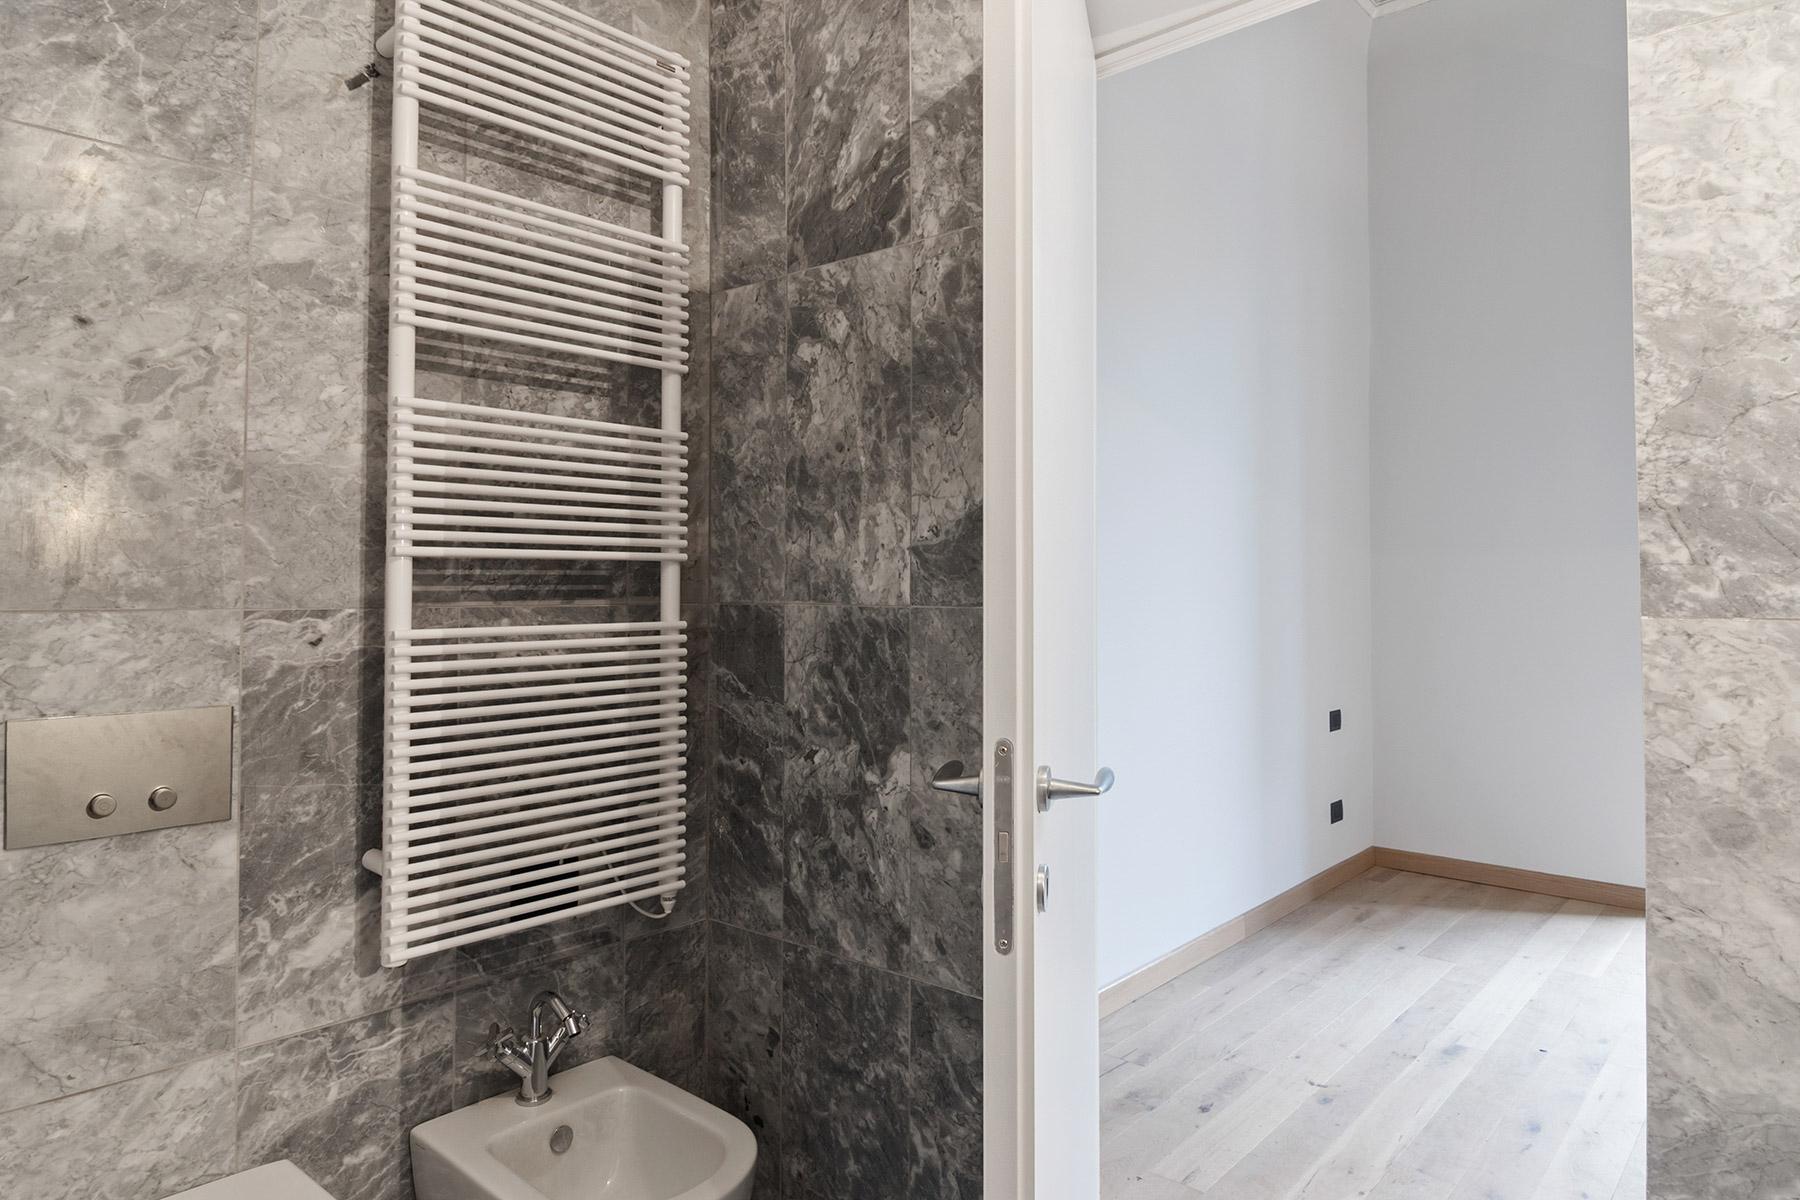 Appartamento in Vendita a Santa Margherita Ligure: 5 locali, 150 mq - Foto 14